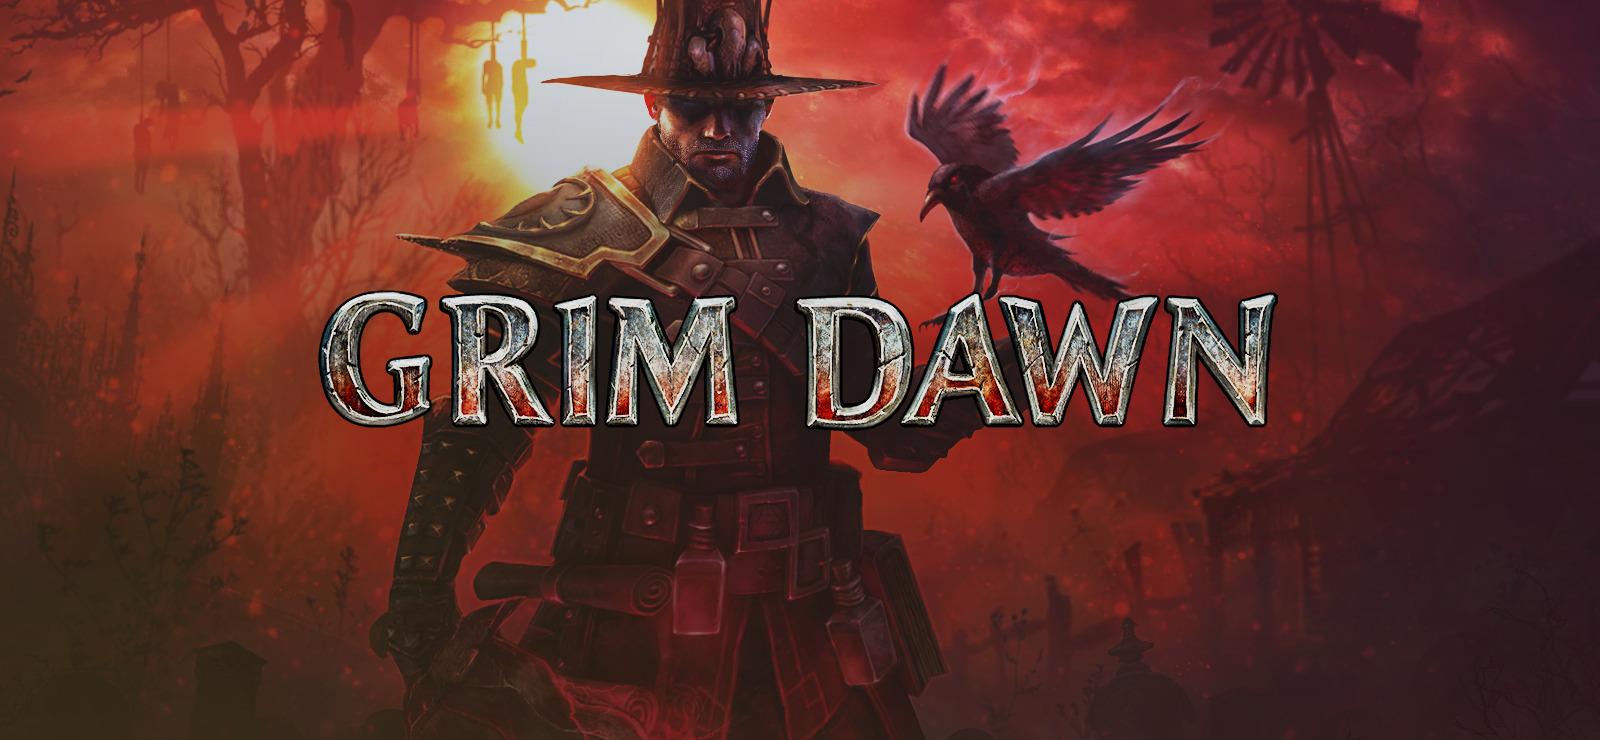 Grim Dawn GOG скачать последнюю версию - Торрминаторр